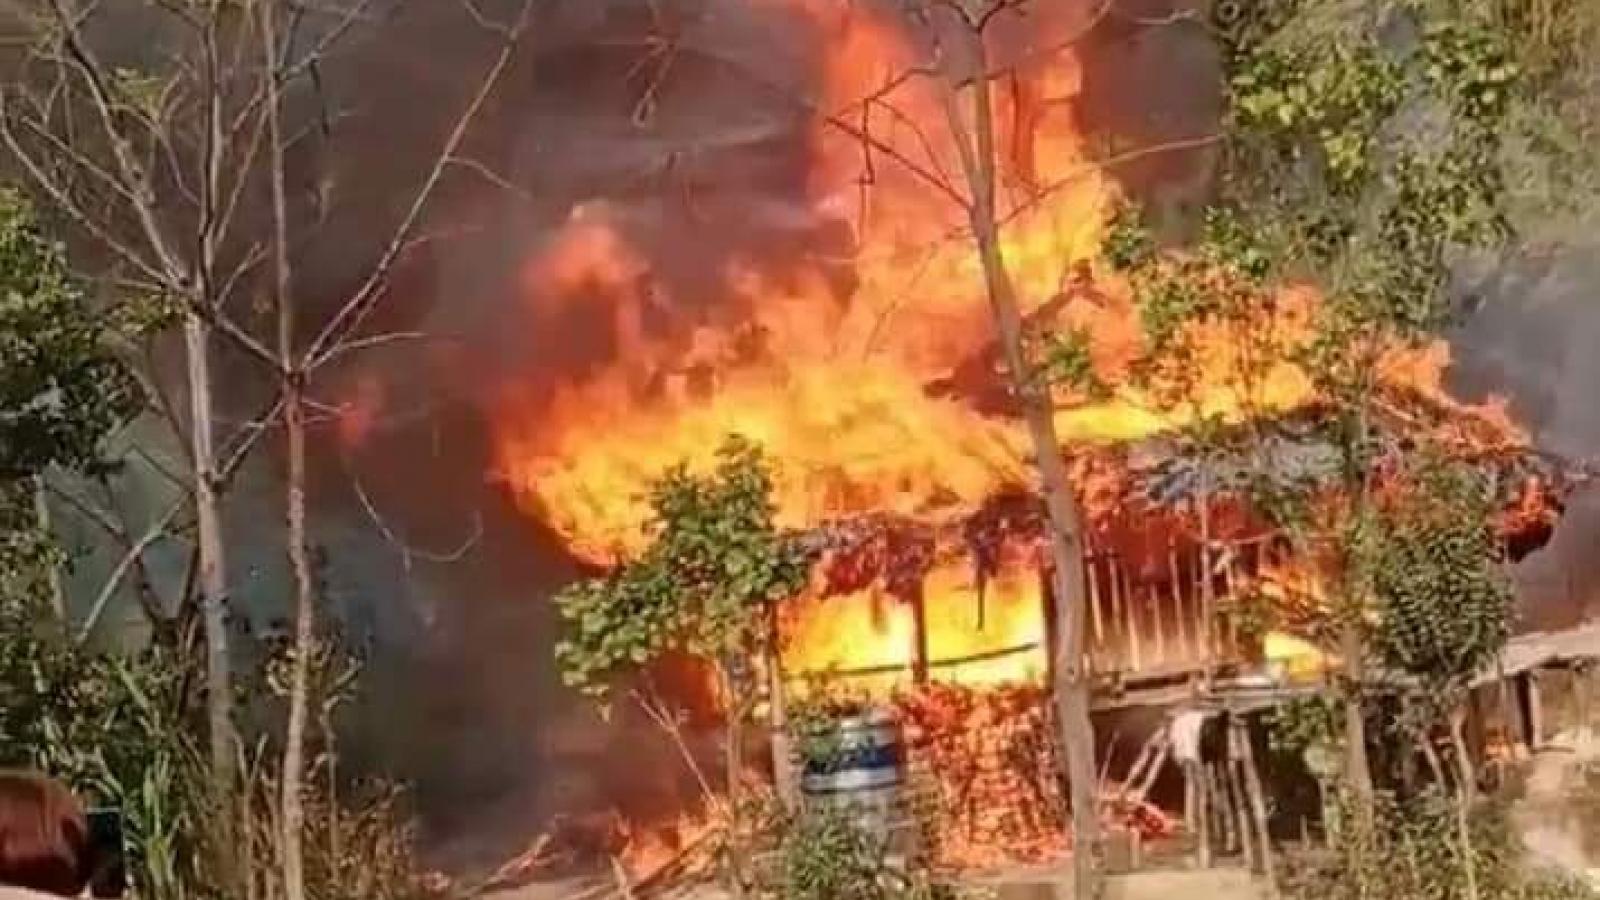 Chập điện, hỏa hoạn thiêu rụi nhà và toàn bộ tài sản hộ nghèo ở Yên Bái